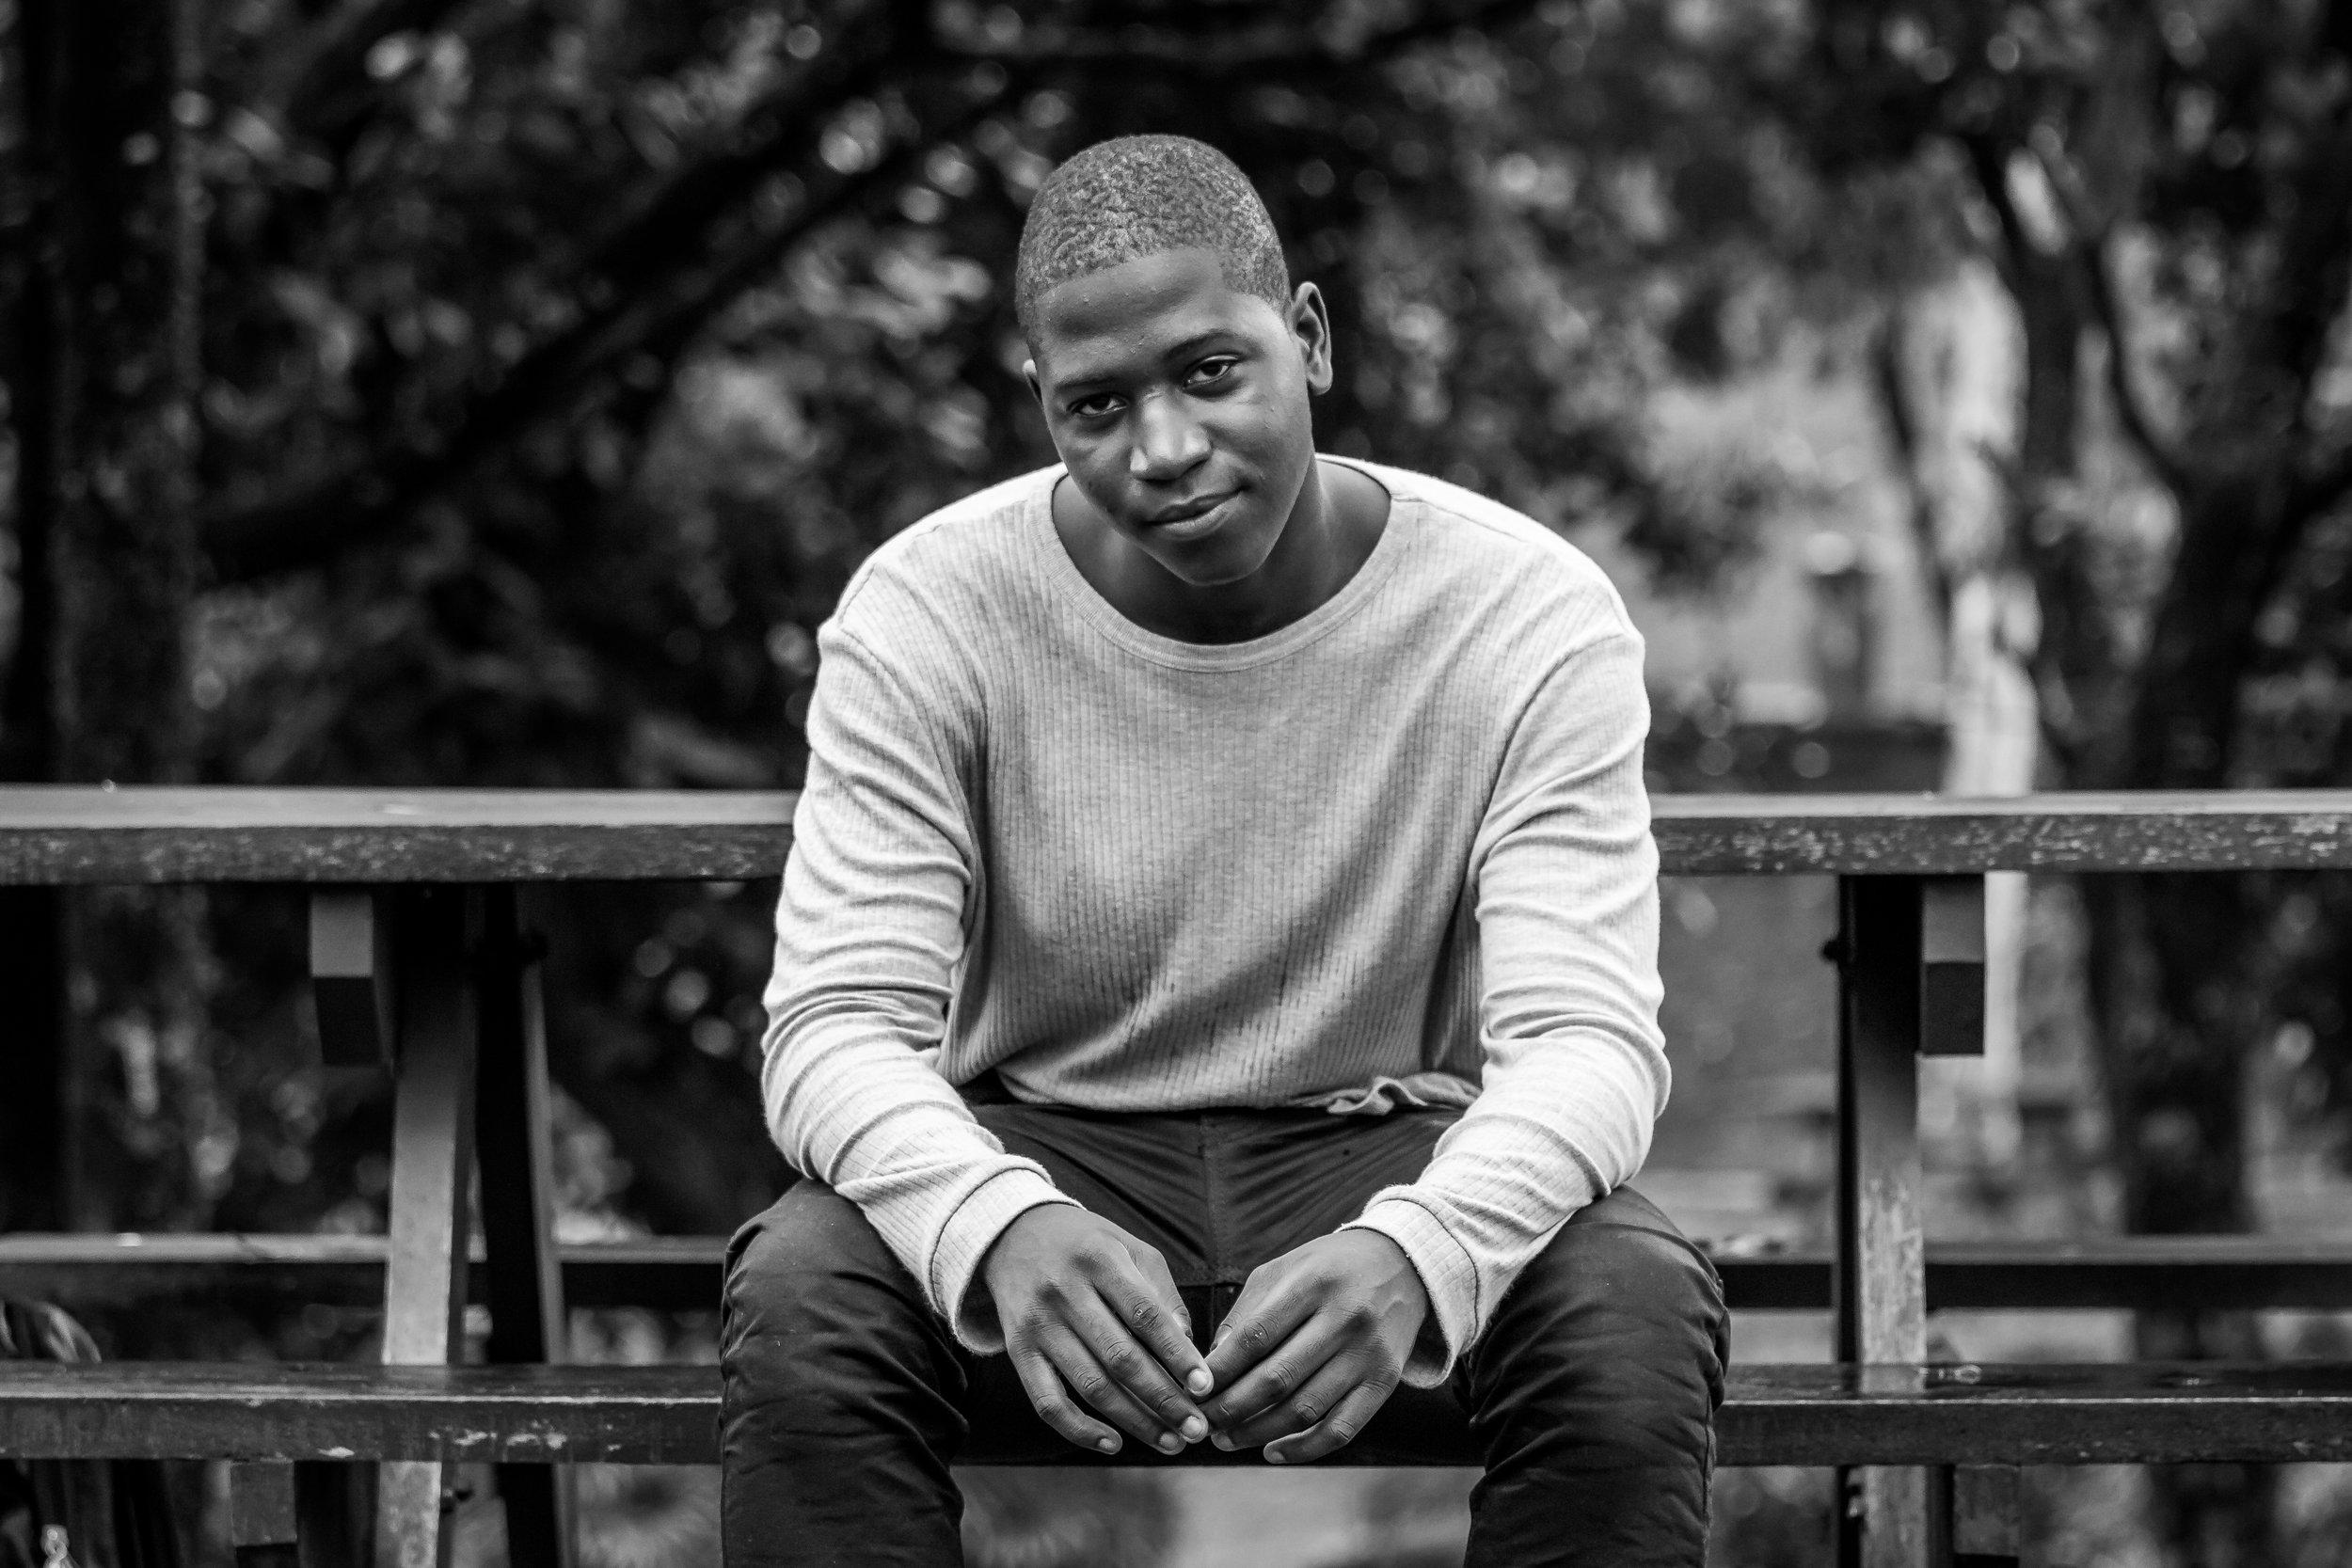 Brothers Talk - Les sacrifices que l'on demande aux femmesPar Cédric Bengue